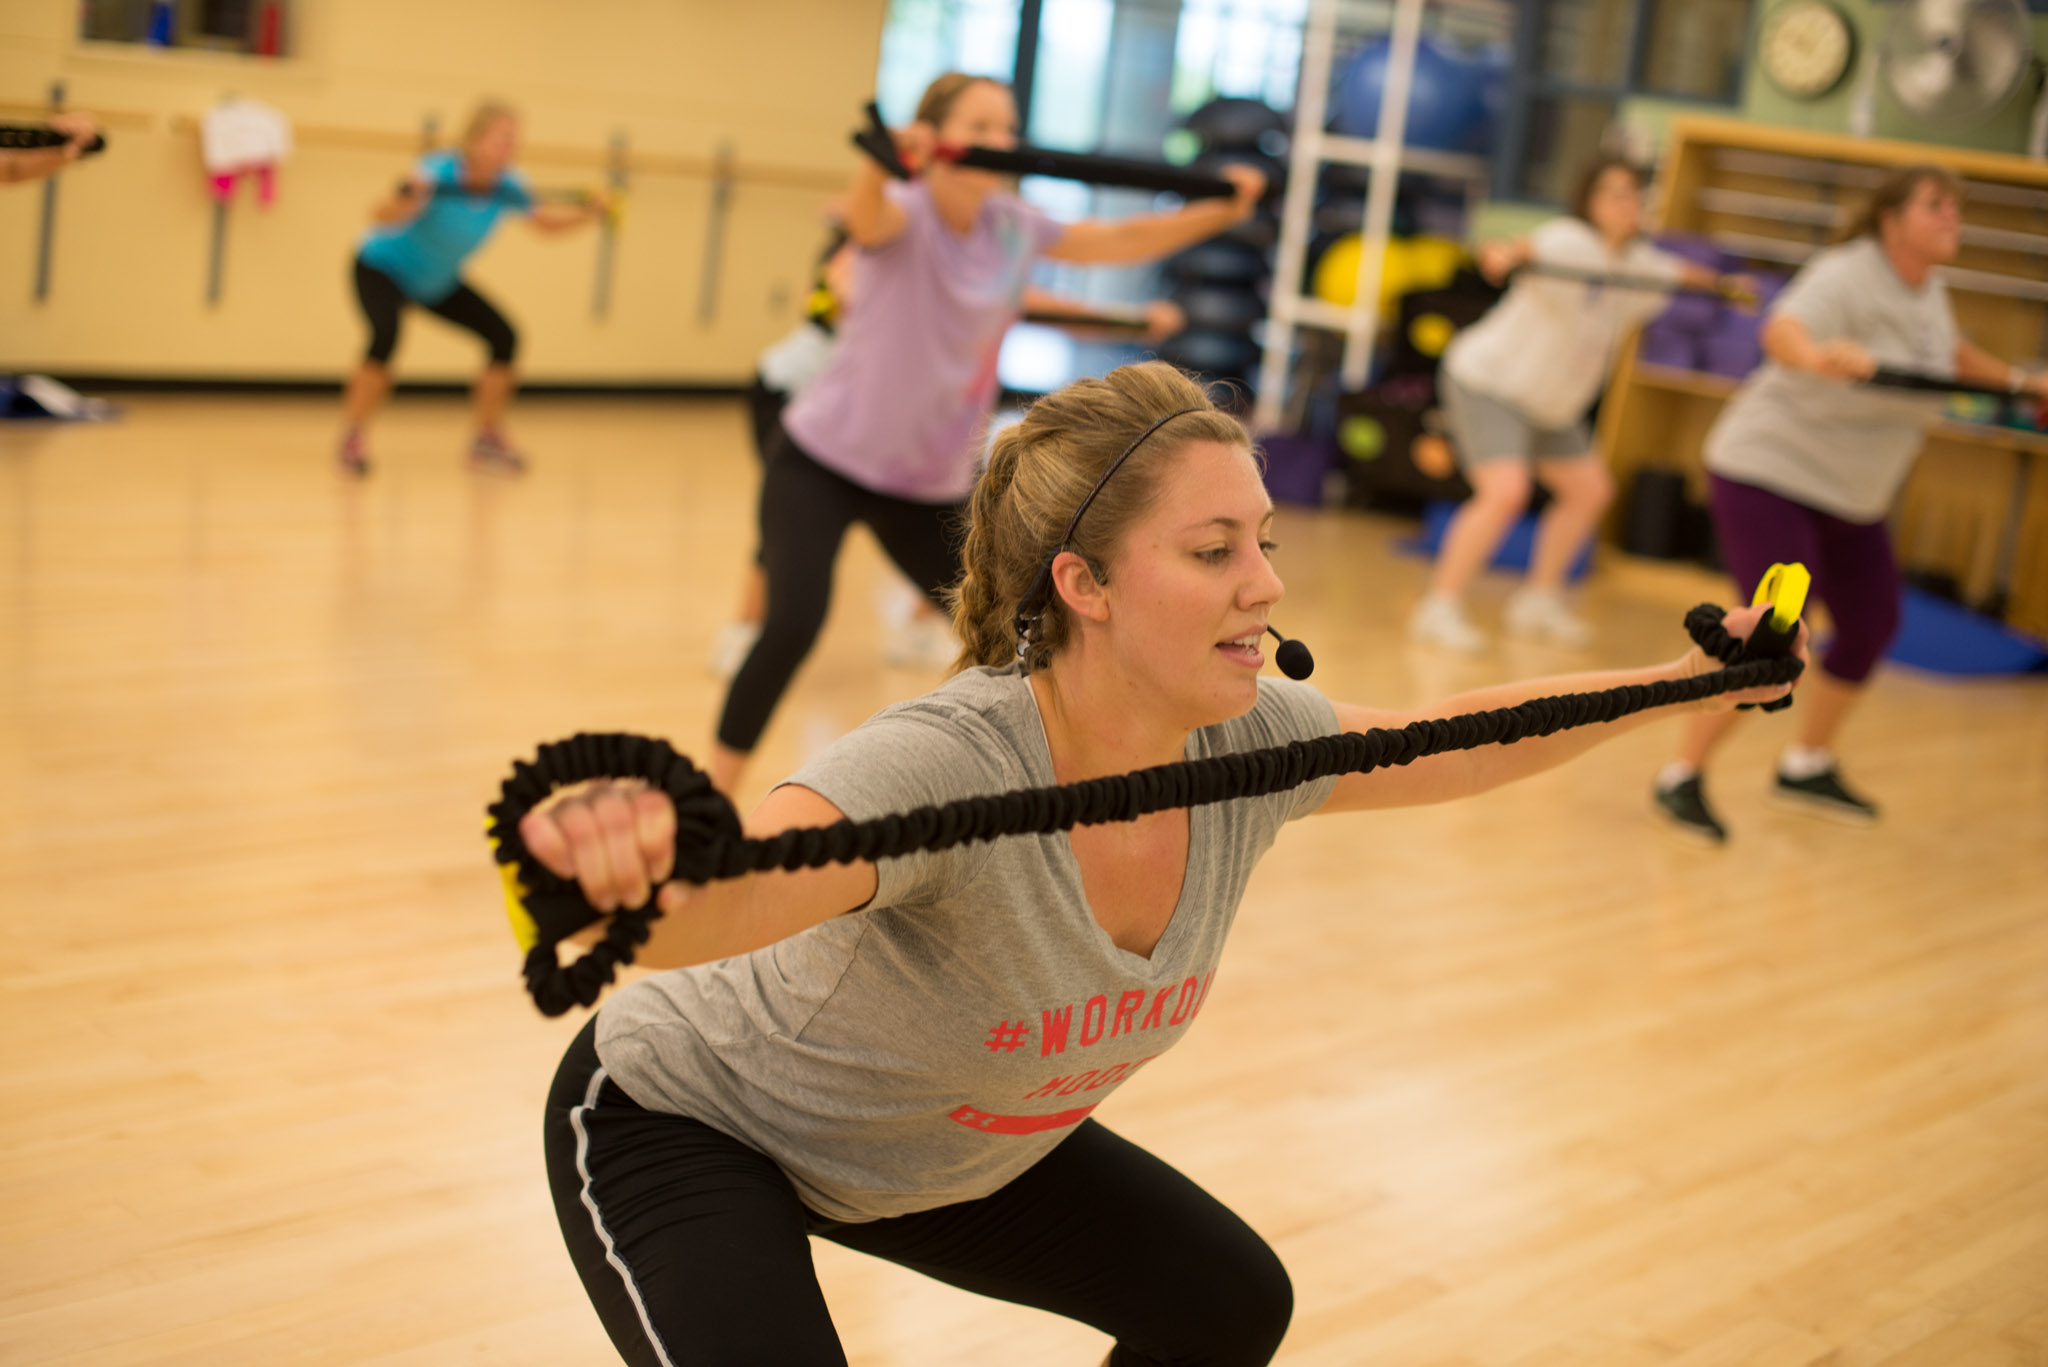 Wellness Center Stock Photos-1052.jpg